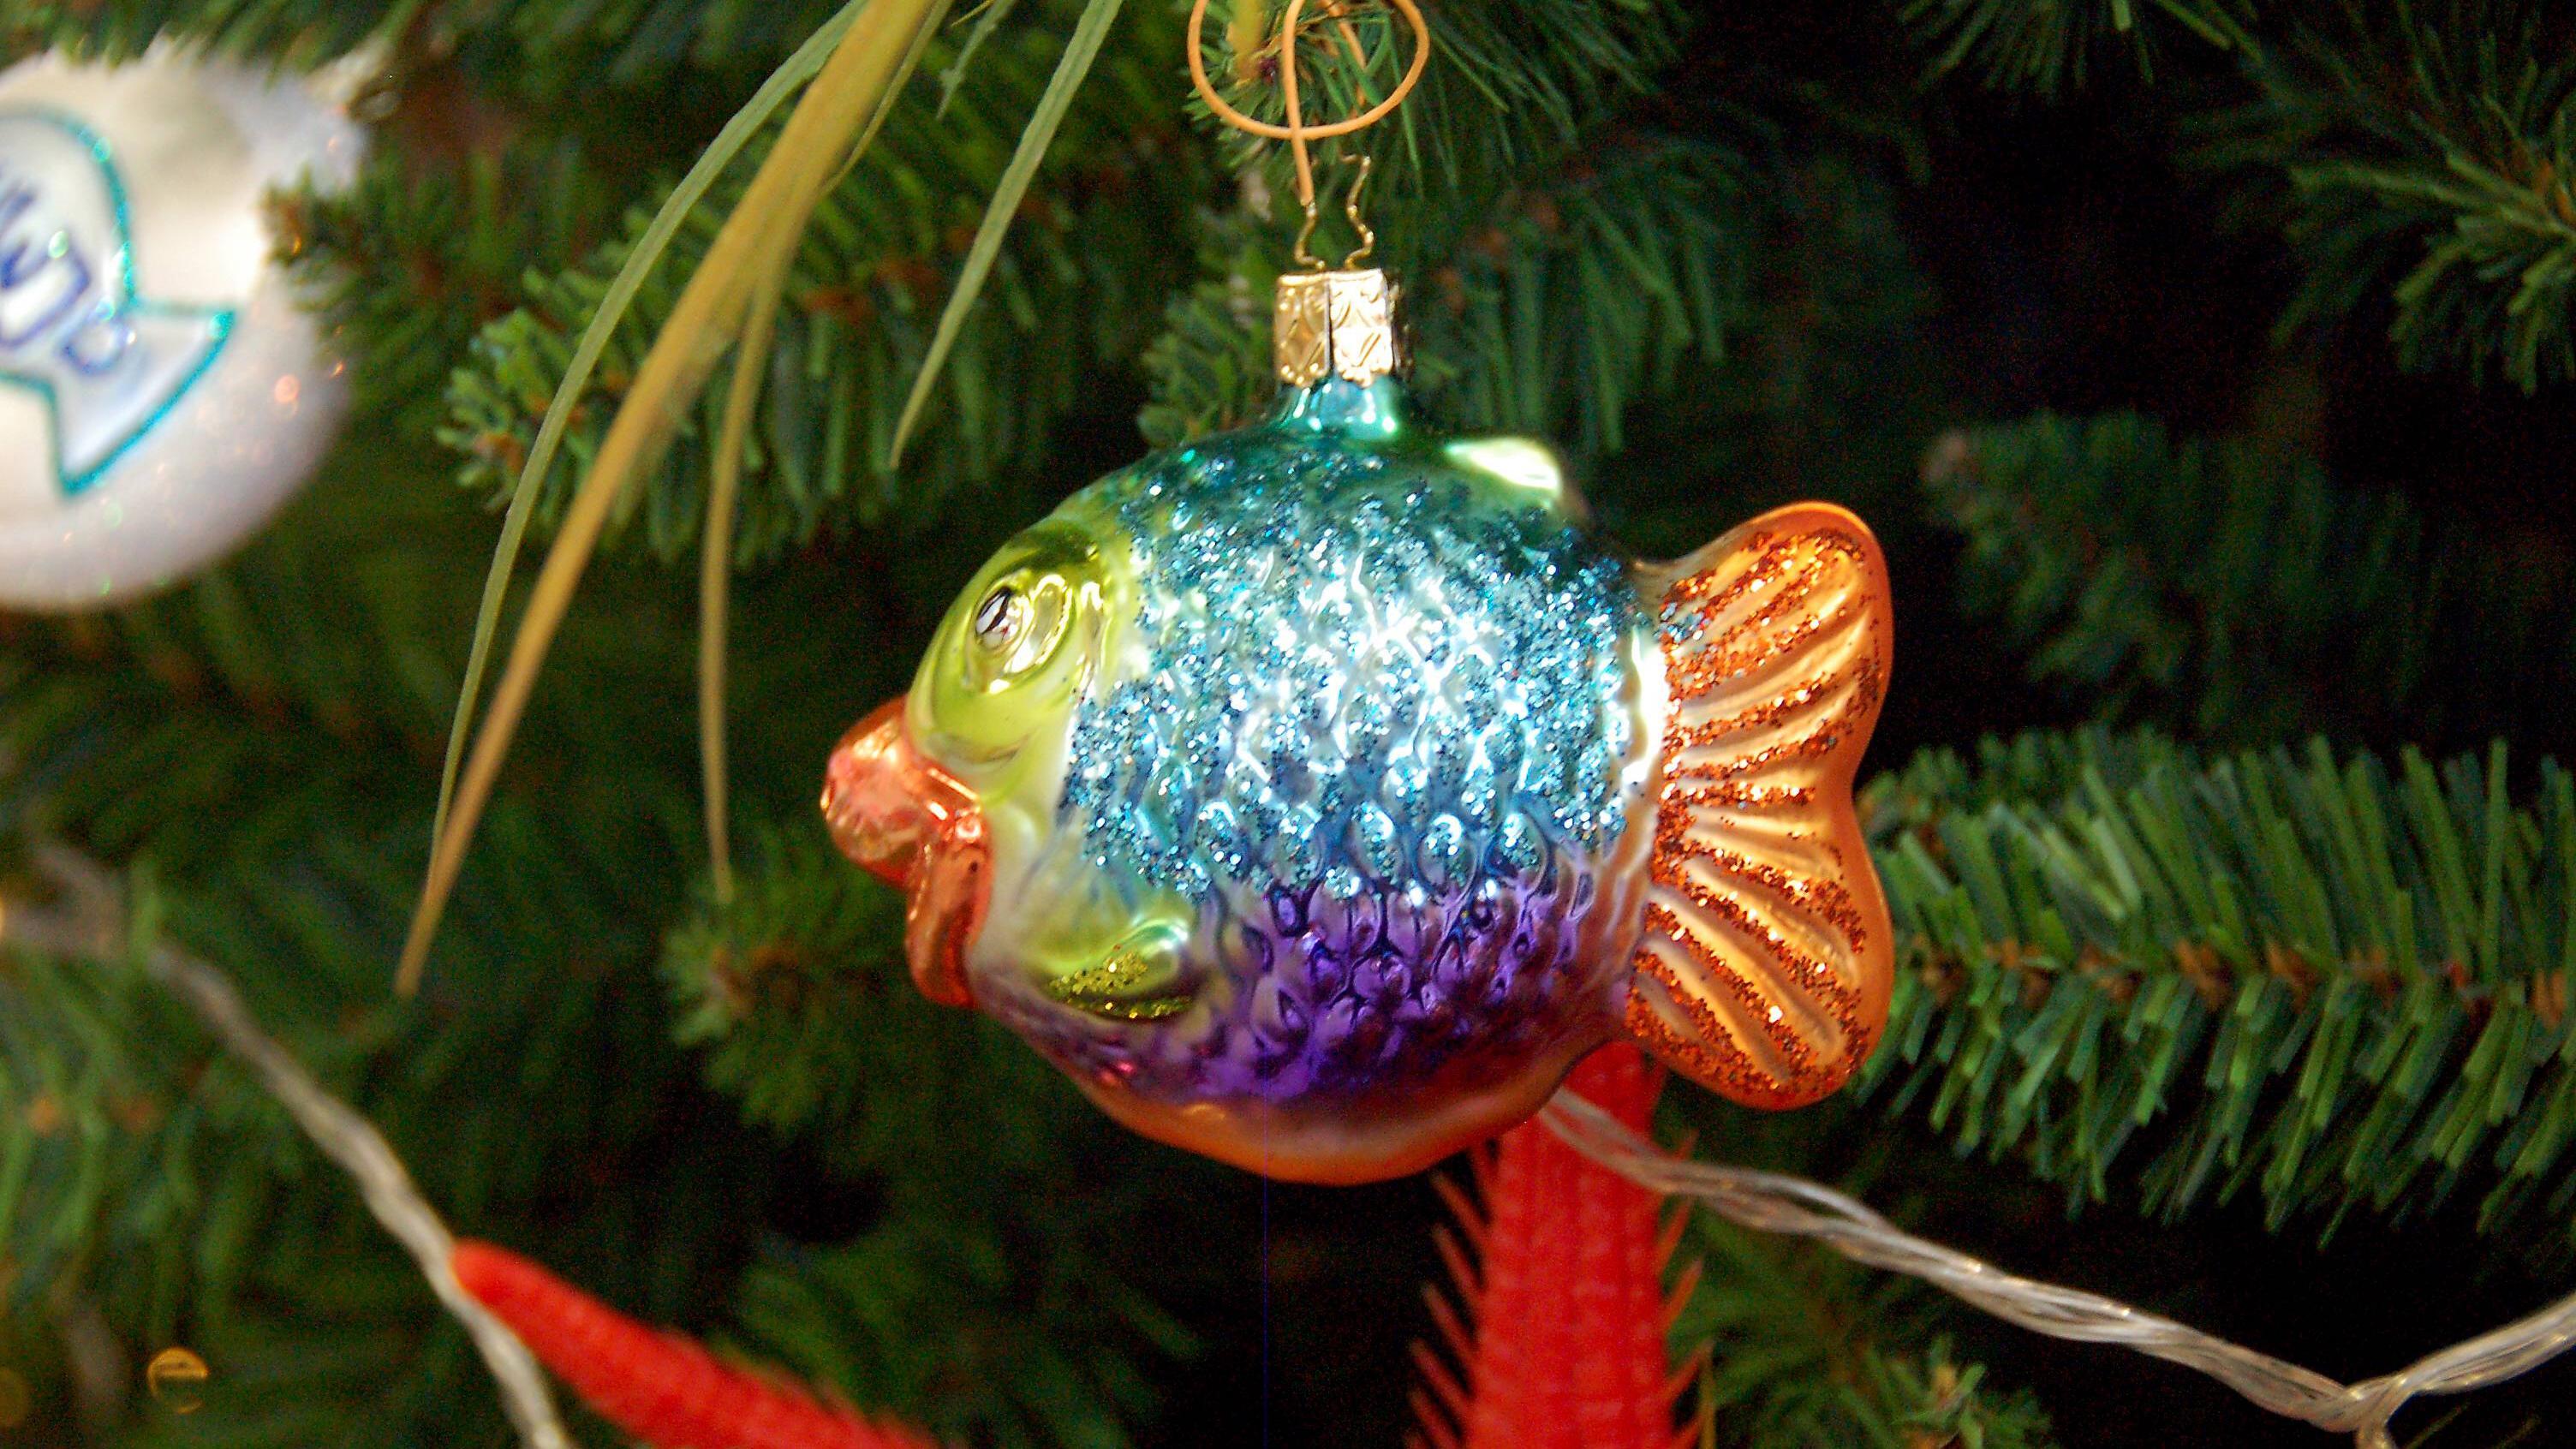 Es muss nicht immer traditionell sein: Wie wär's dieses Jahr mit einem (Weihnachts-)Kugelfisch?